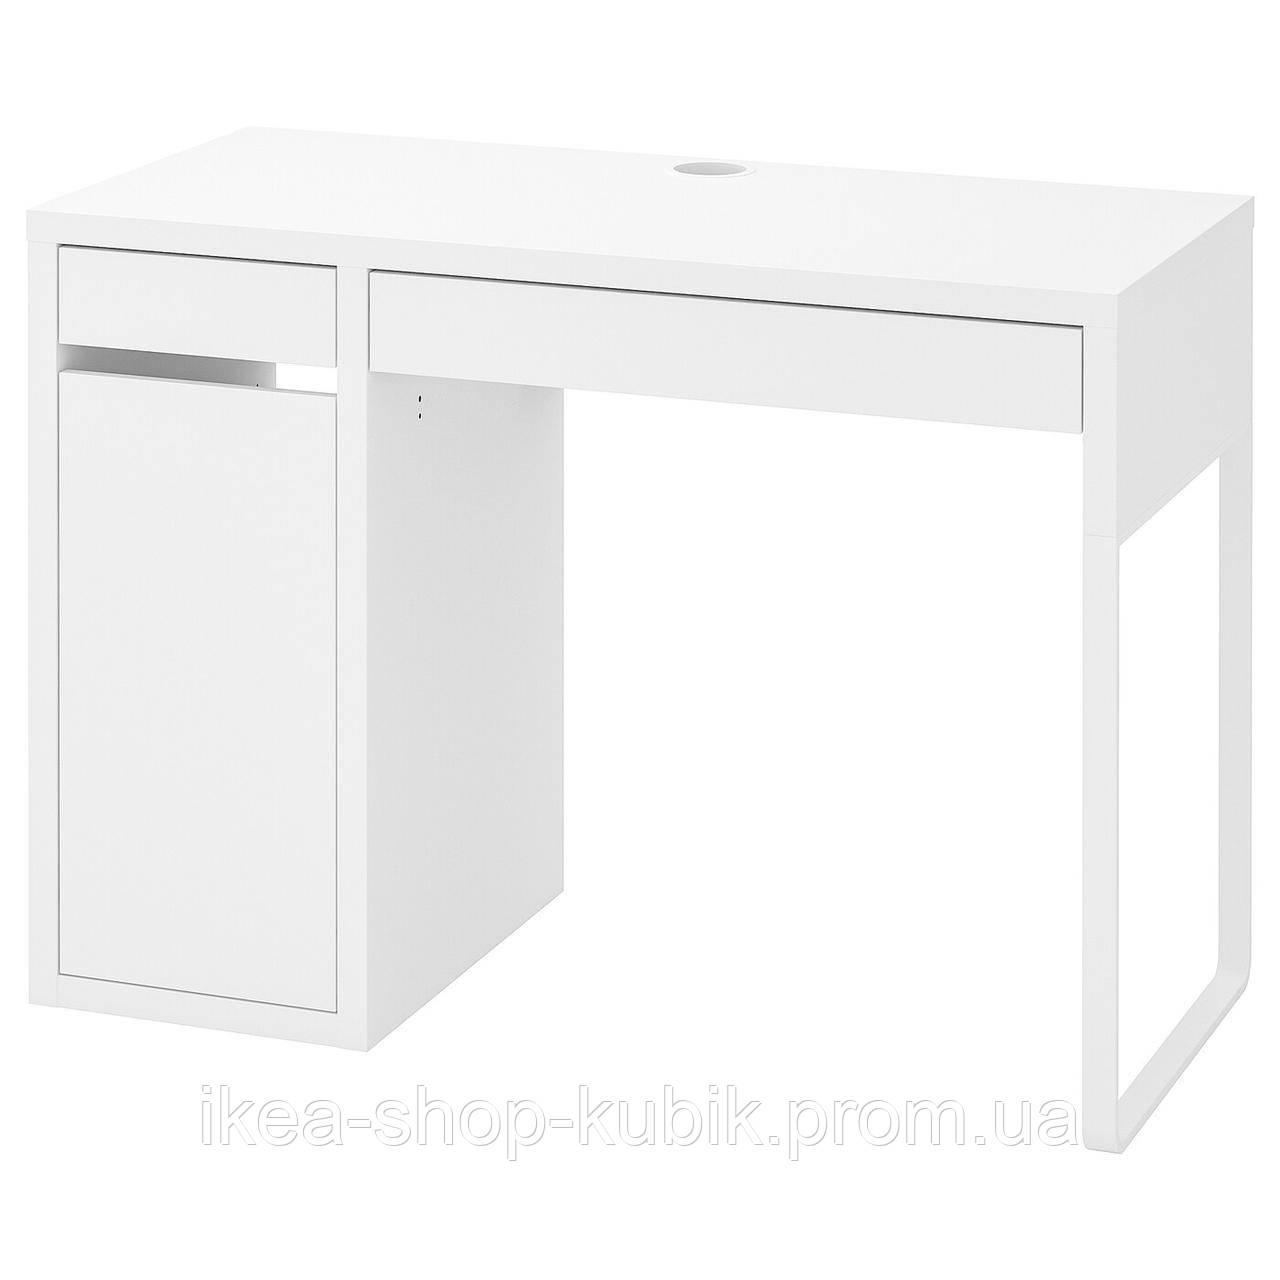 Дитячий письмовий стіл IKEA MICKE 105x50 см